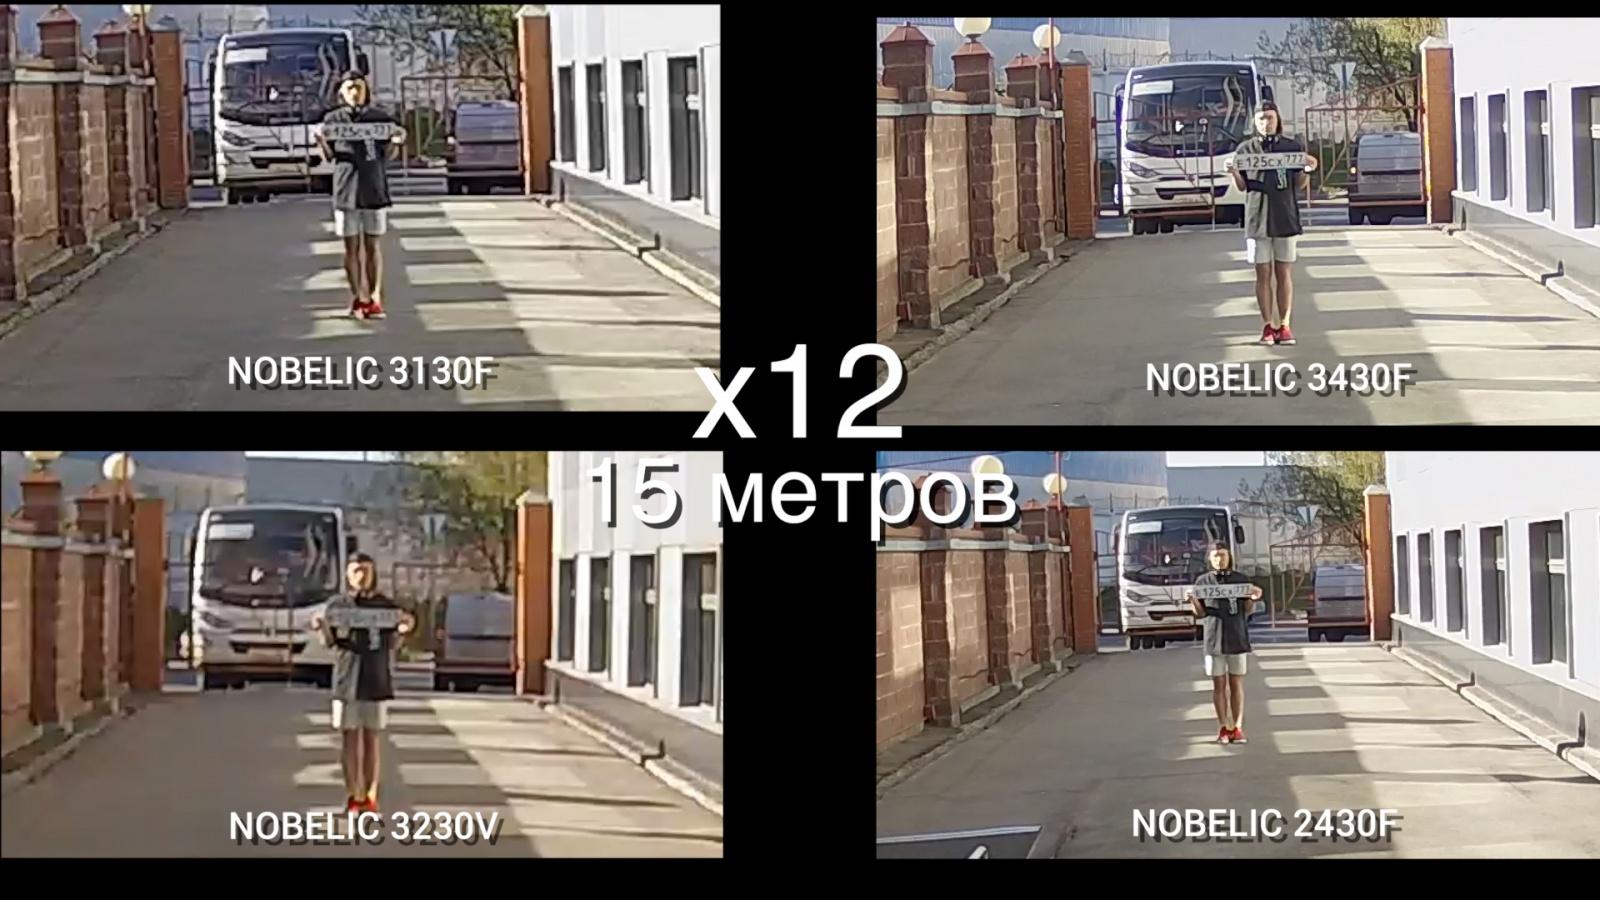 Тест четырех уличных: сравнение IP-камер Nobelic для бизнеса - 8